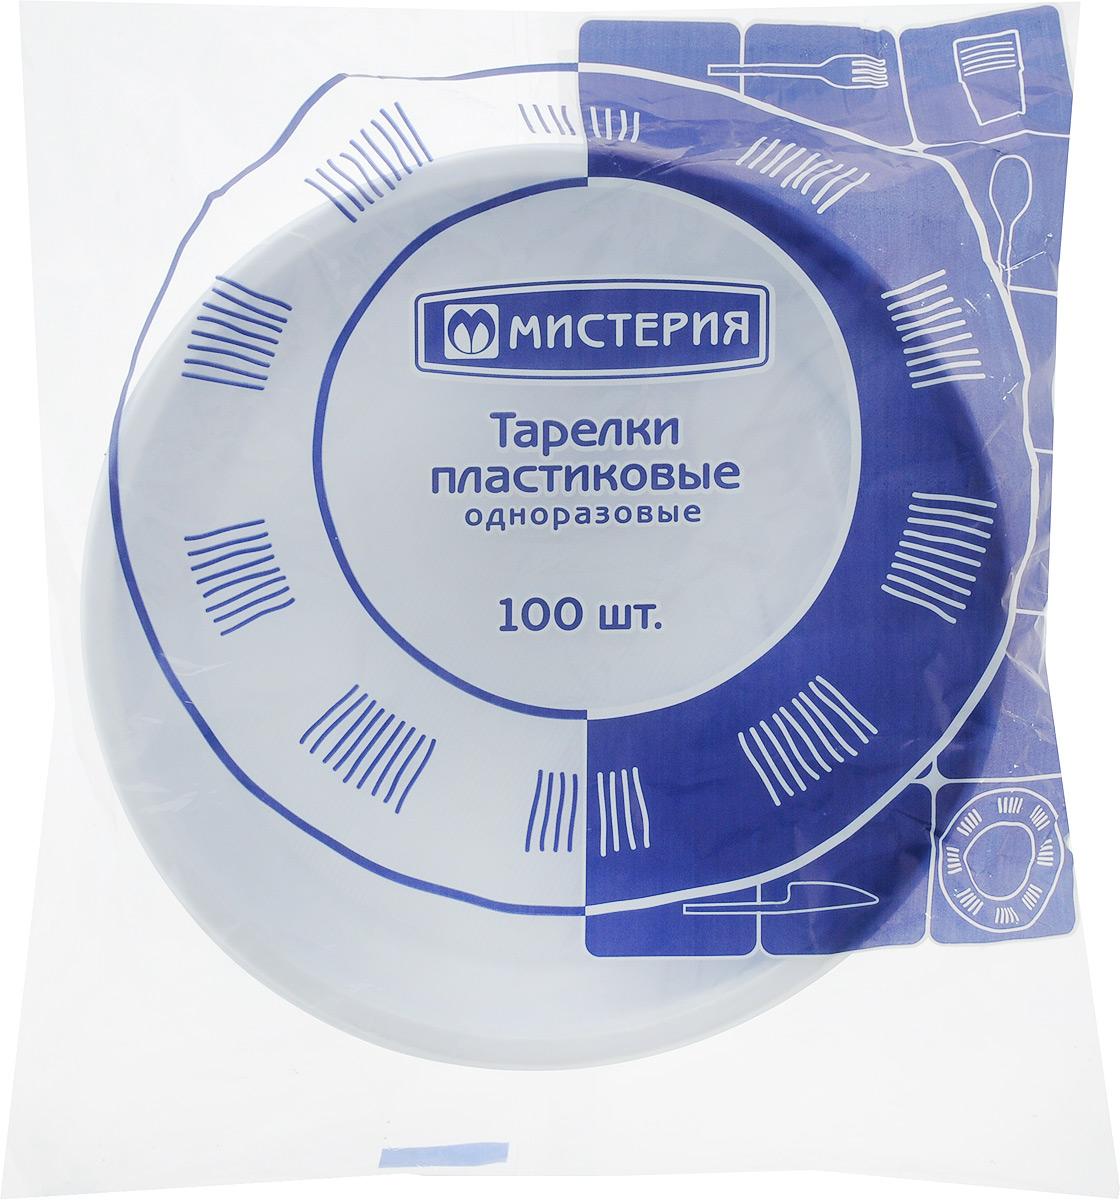 Тарелка одноразовая Мистерия, цвет: белый, диаметр 20,5 см, 100 шт709_белый/голубойНабор Мистерия состоит из 100 тарелок, выполненных из полистирола и предназначенных для одноразового использования. Такие тарелки подходят для холодных и горячих пищевых продуктов.Одноразовые тарелки будут незаменимы при поездках на природу, пикниках и других мероприятиях. Они не займут много места, легки и самое главное - после использования их не надо мыть.